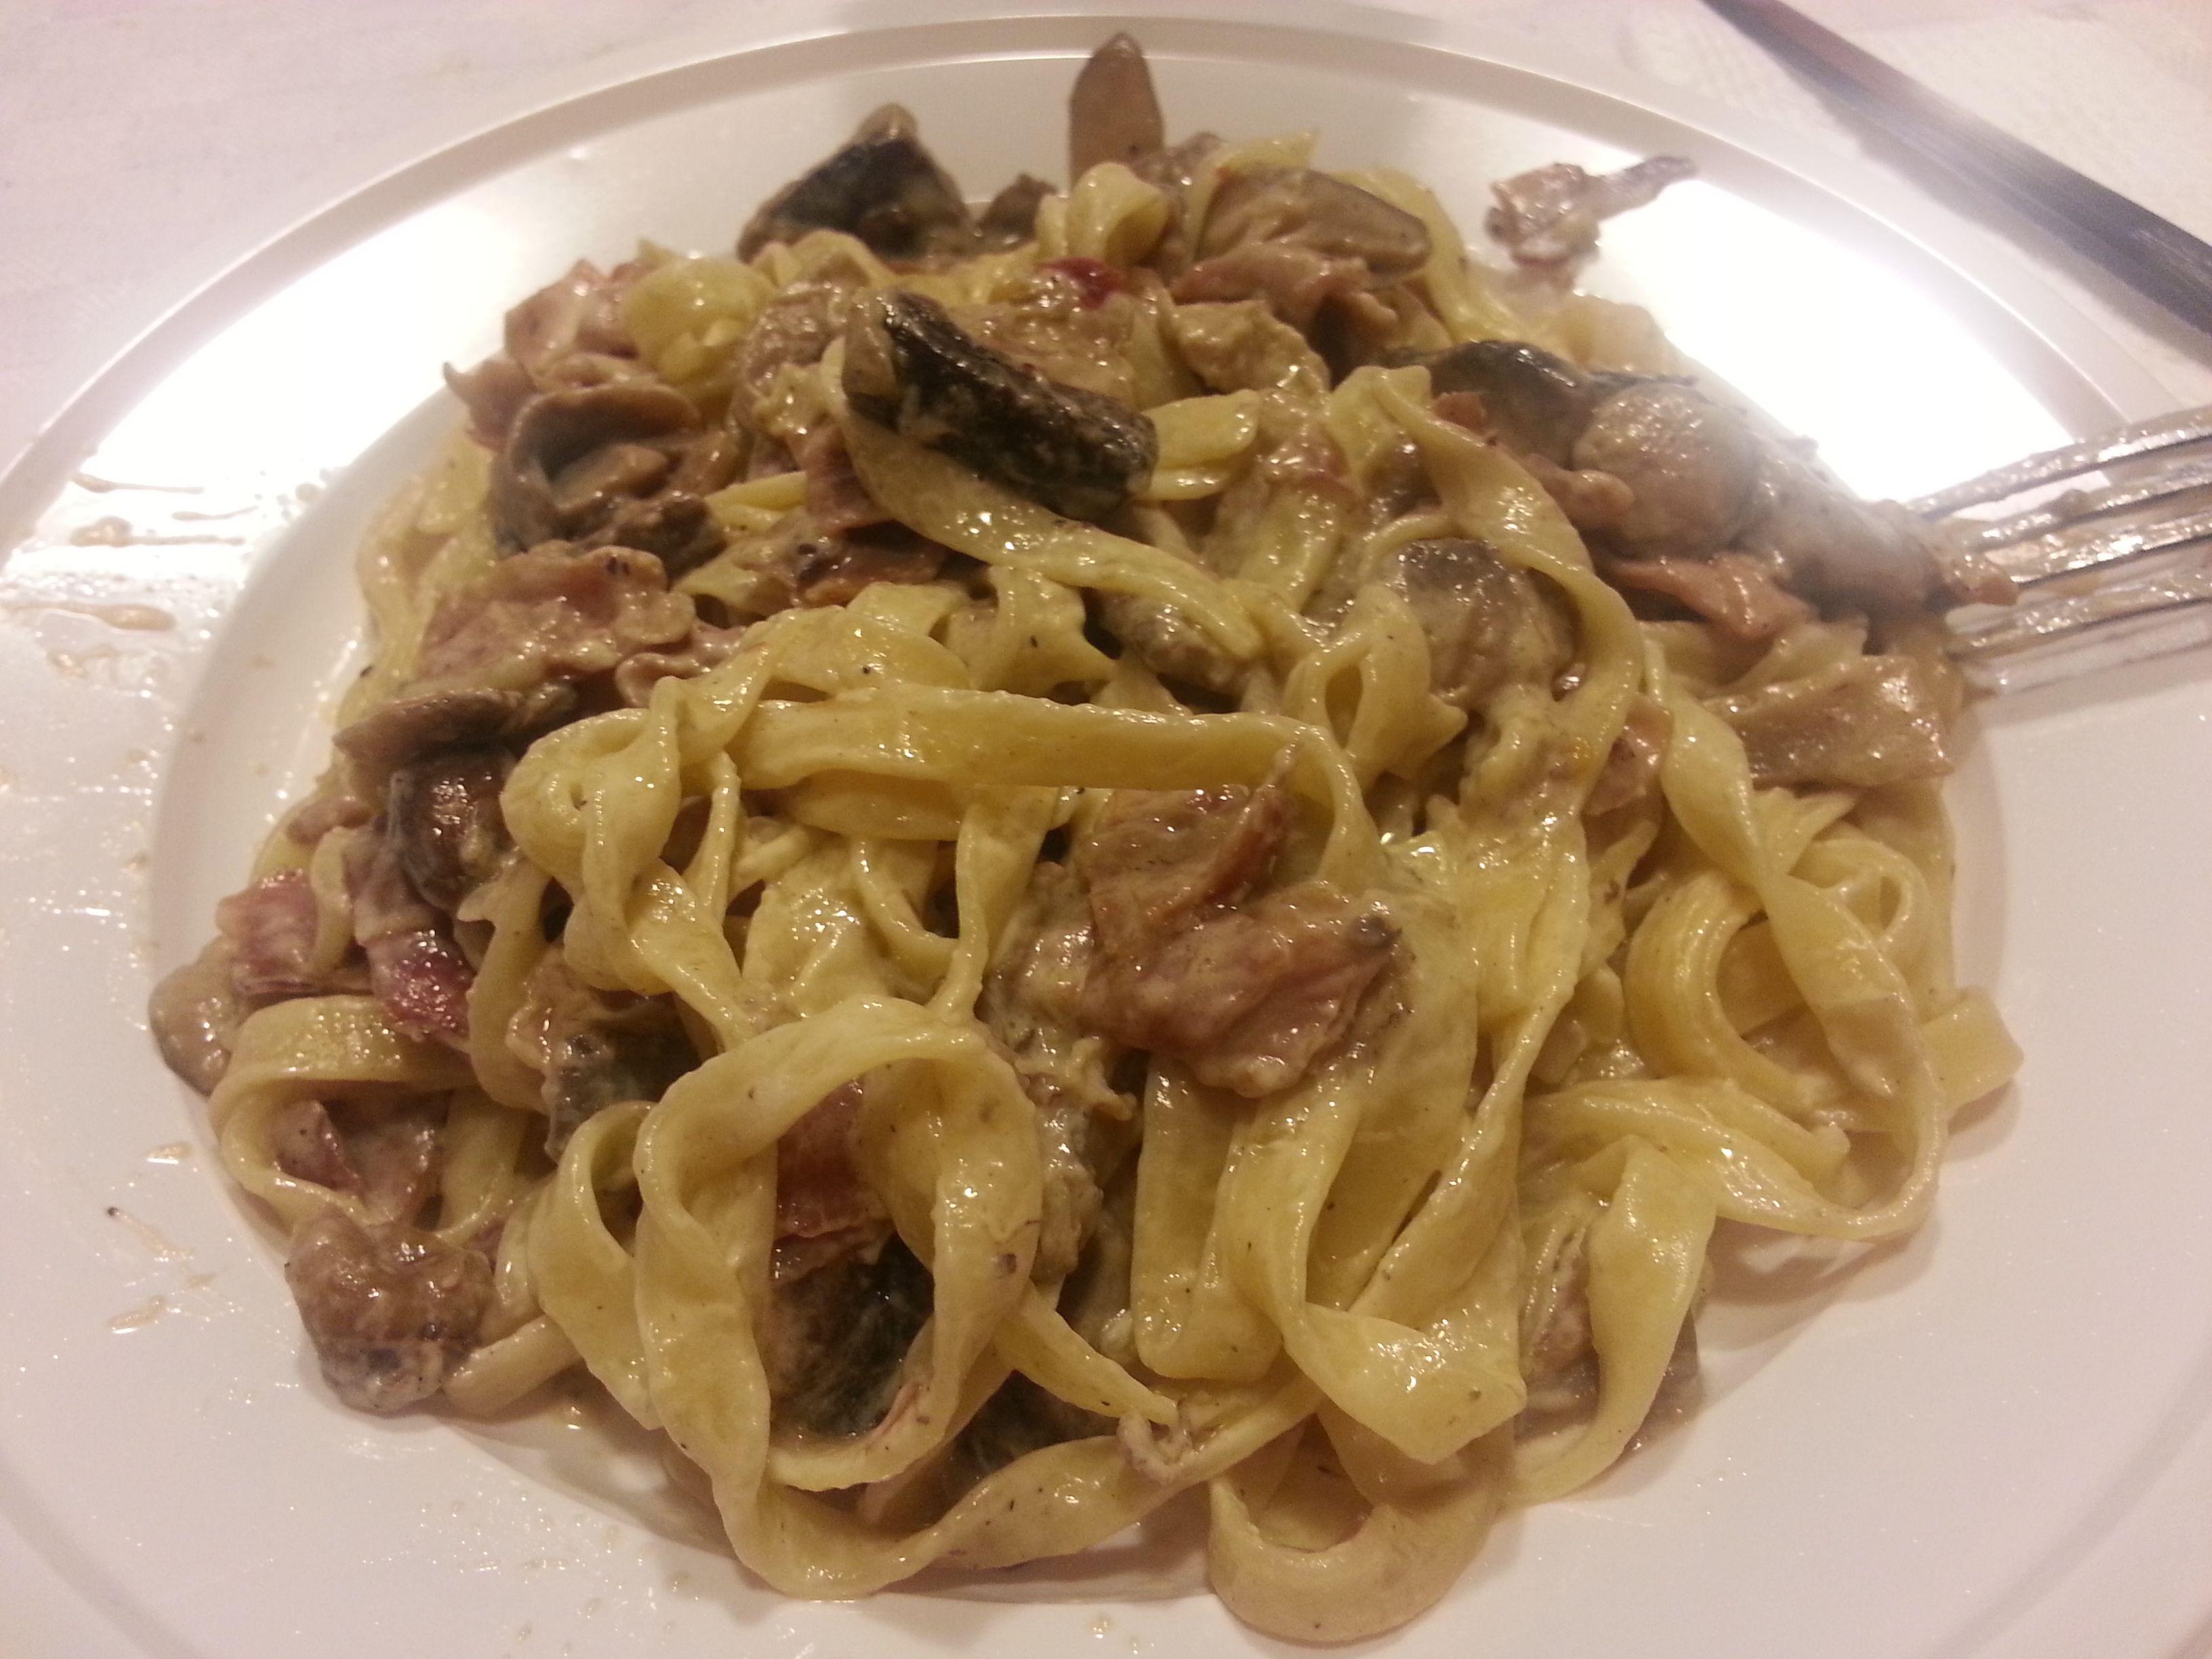 ricetta funghi surgelati - Come Cucinare I Funghi Surgelati